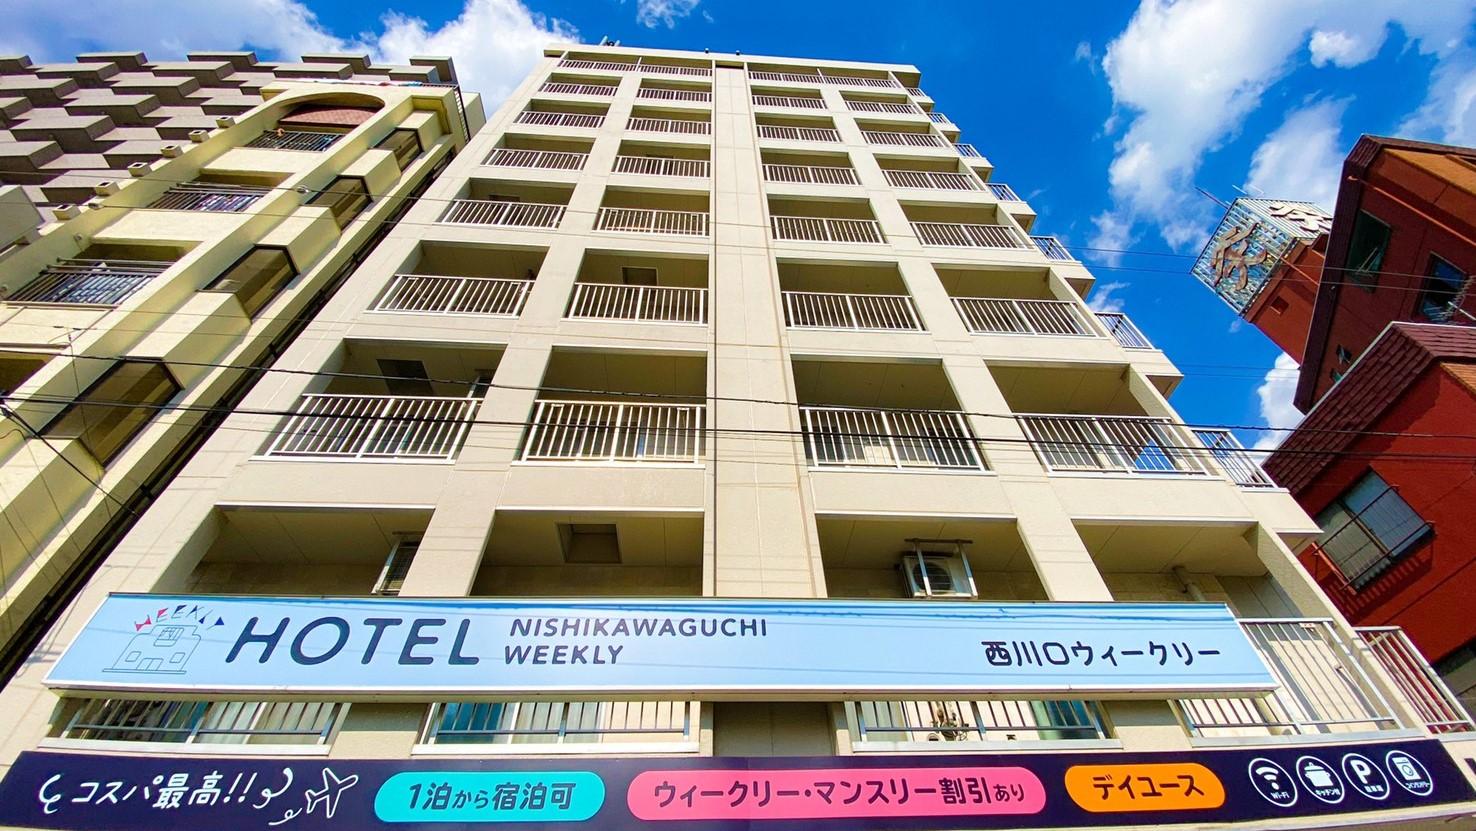 西川口ウィークリー image